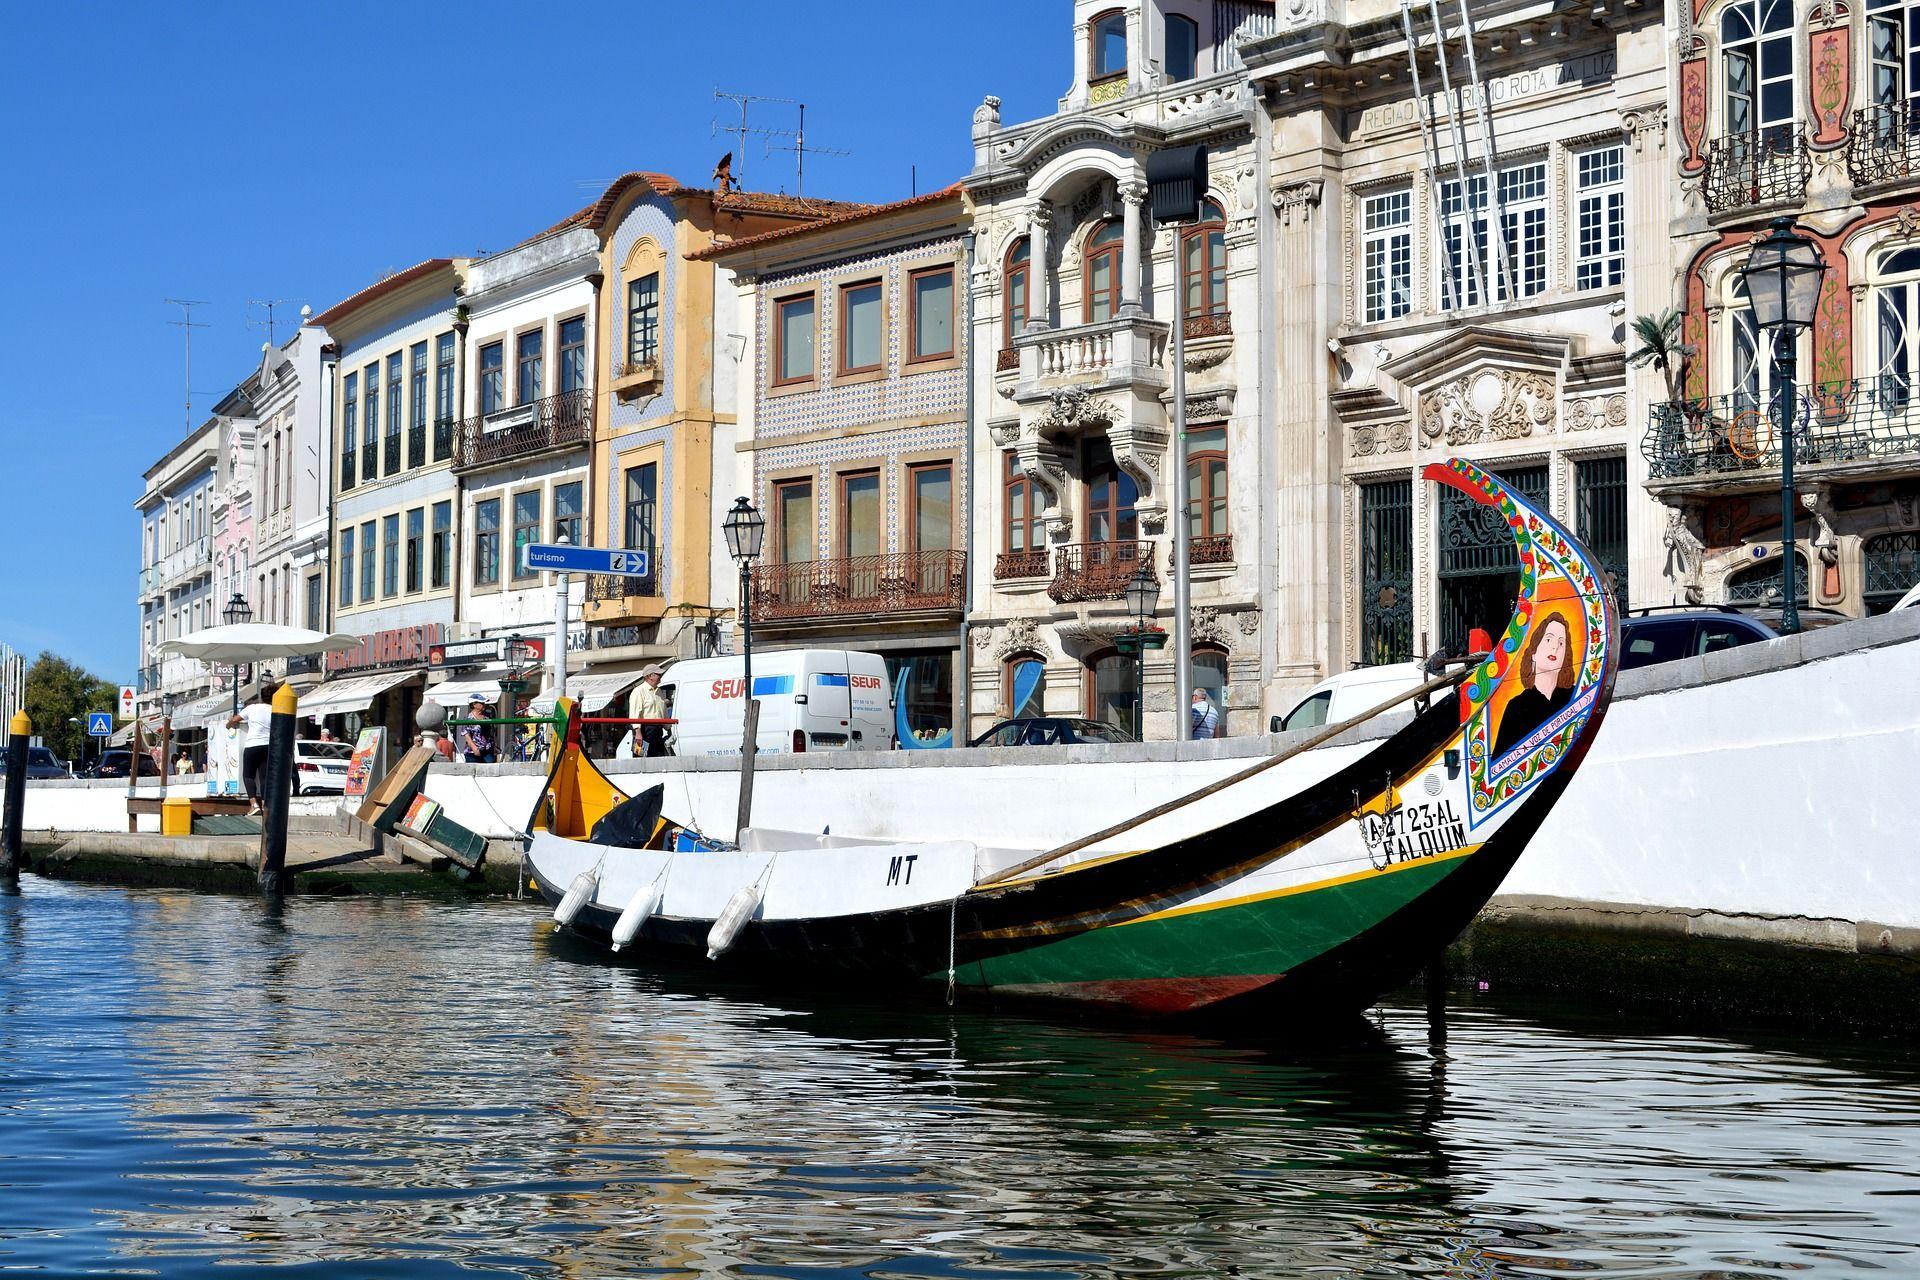 【遇見2021深度歐洲系列】葡萄牙深度10 天(不含機票)